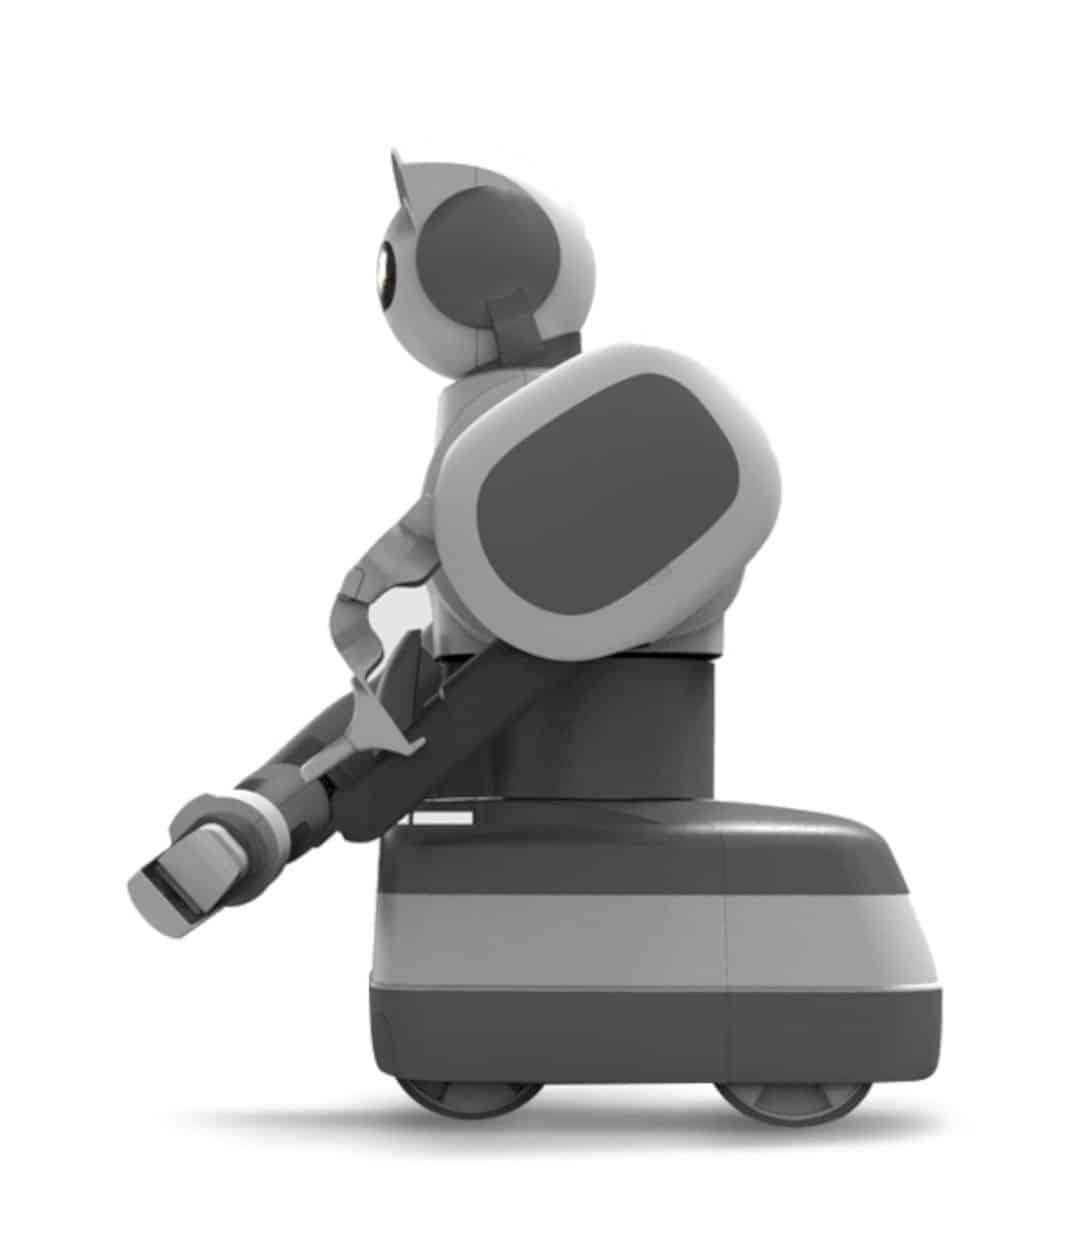 Aeolus Robot 2